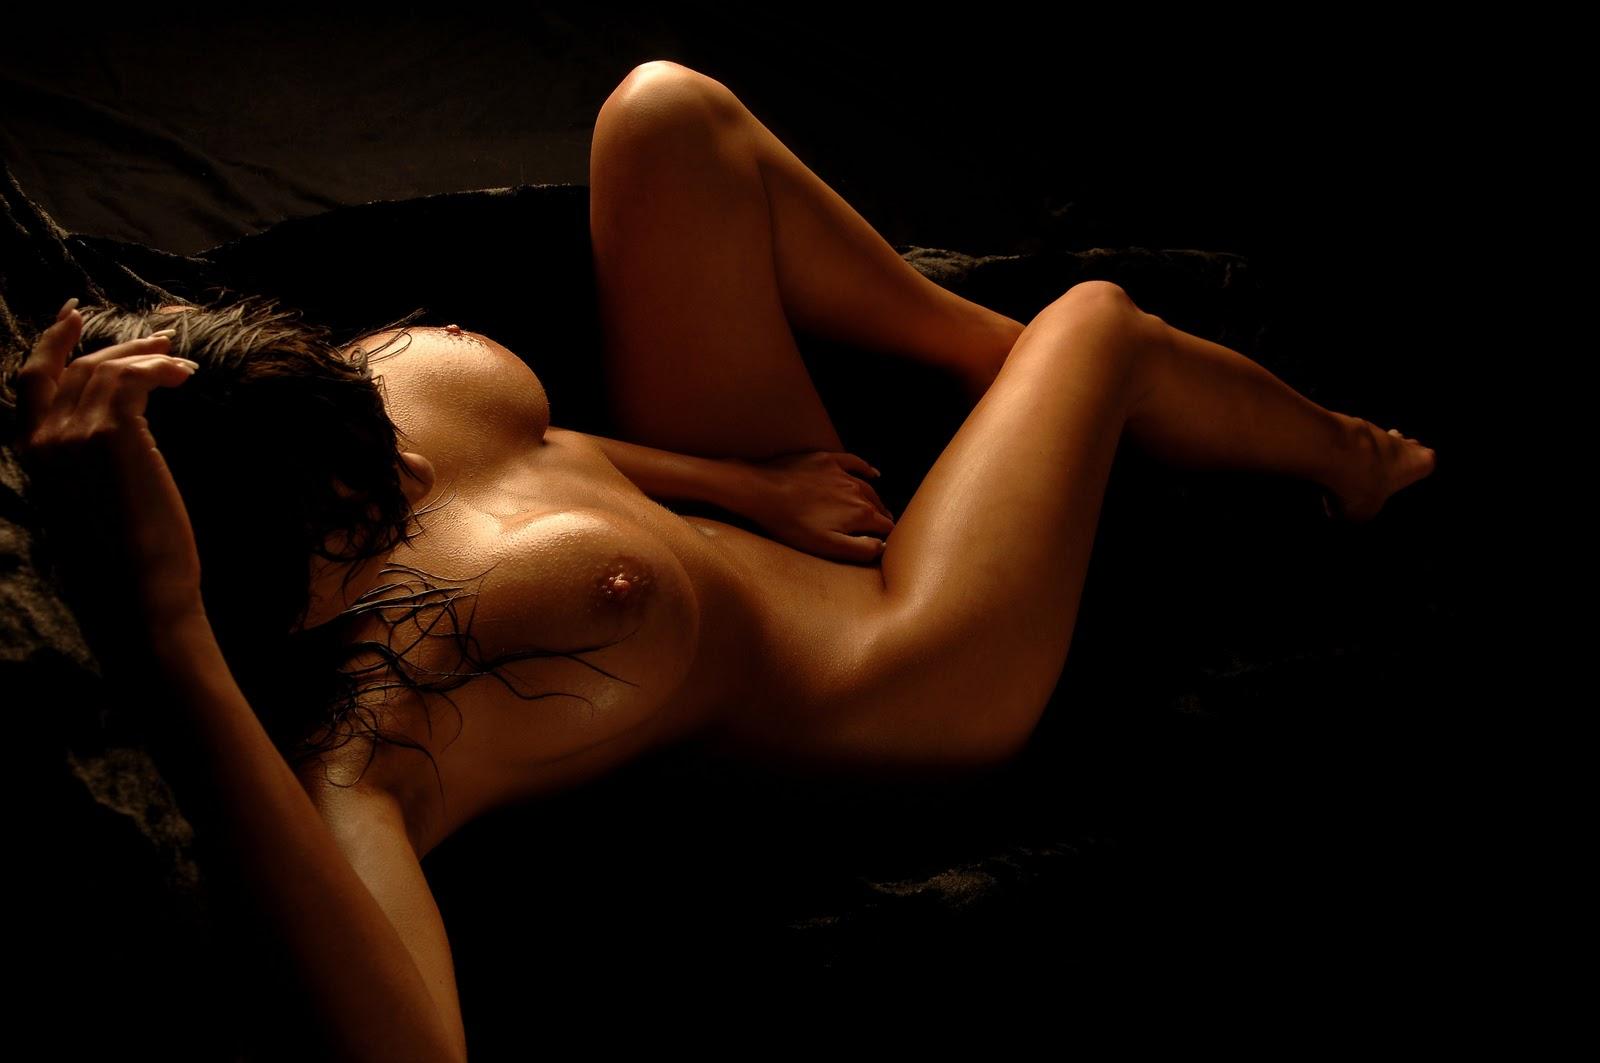 Эротические сны фантазии 4 фотография